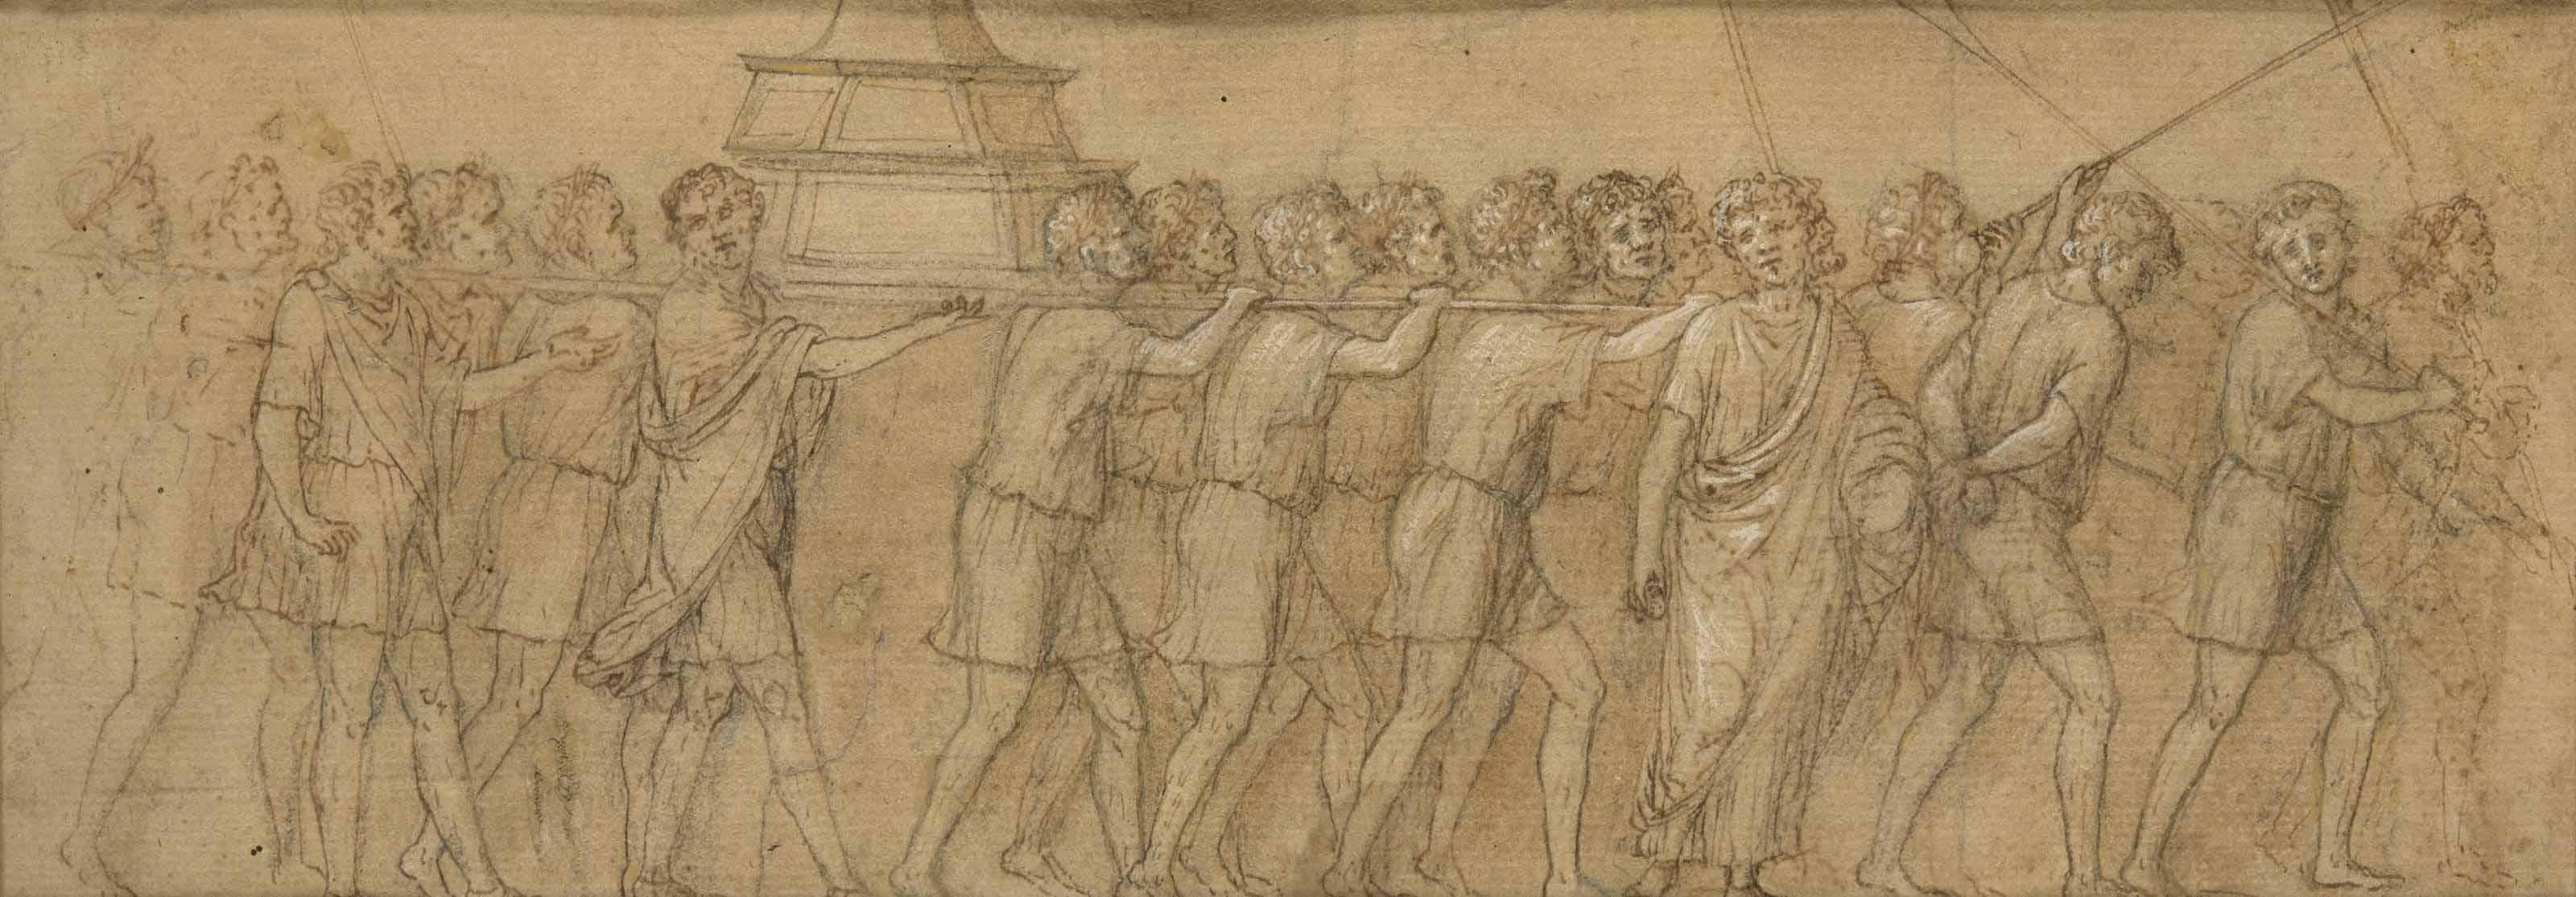 Procession de prisonniers juifs portant la Menorah d'or et les trompettes du temple de Jérusalem